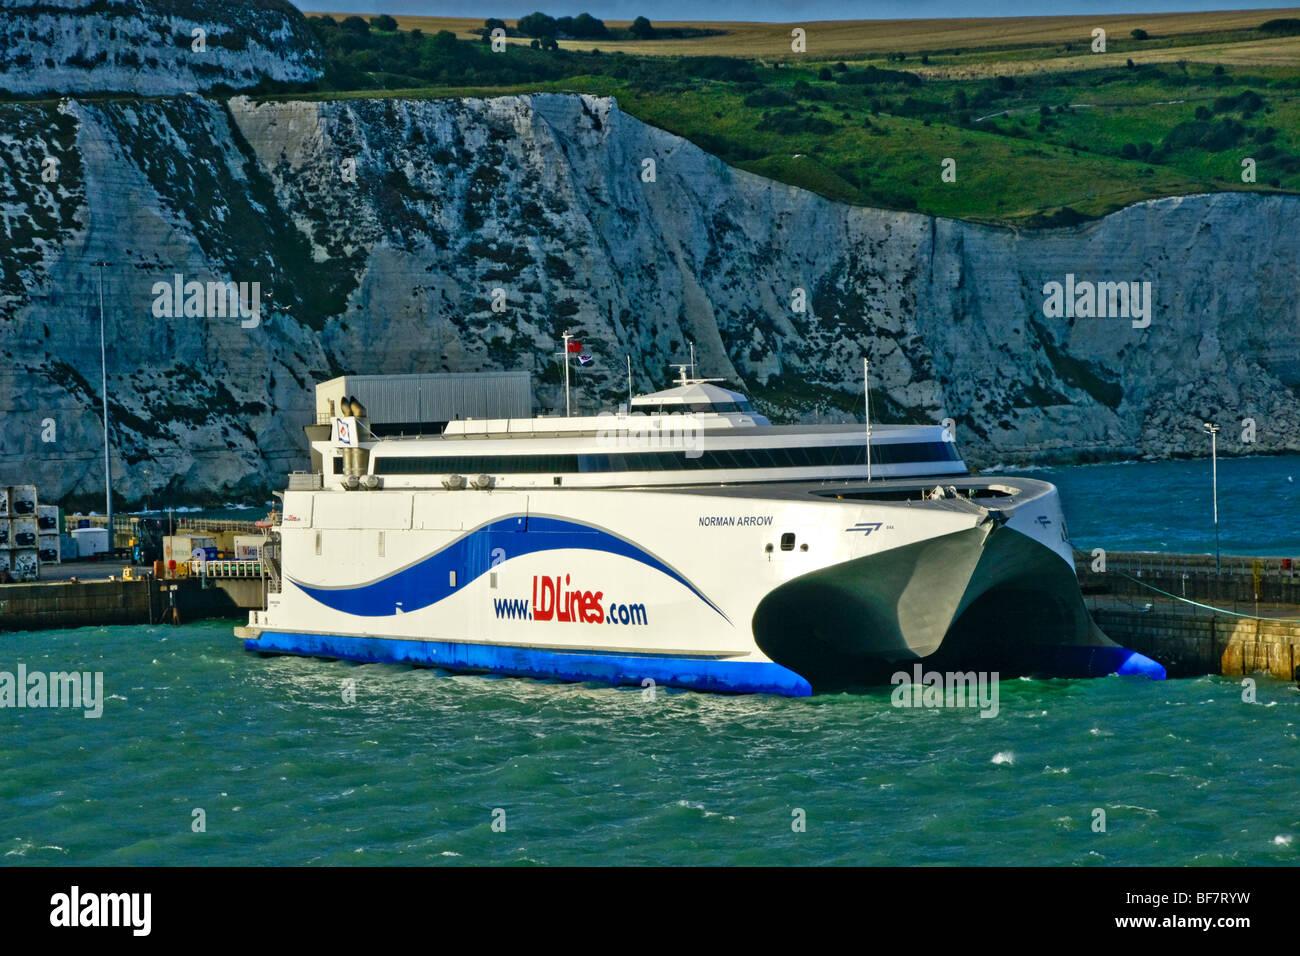 LD Lines Katamaran InCat schnelle Fähre Norman Arrow in Dover. Dieses Handwerk fährt jetzt von Portsmouth Stockbild